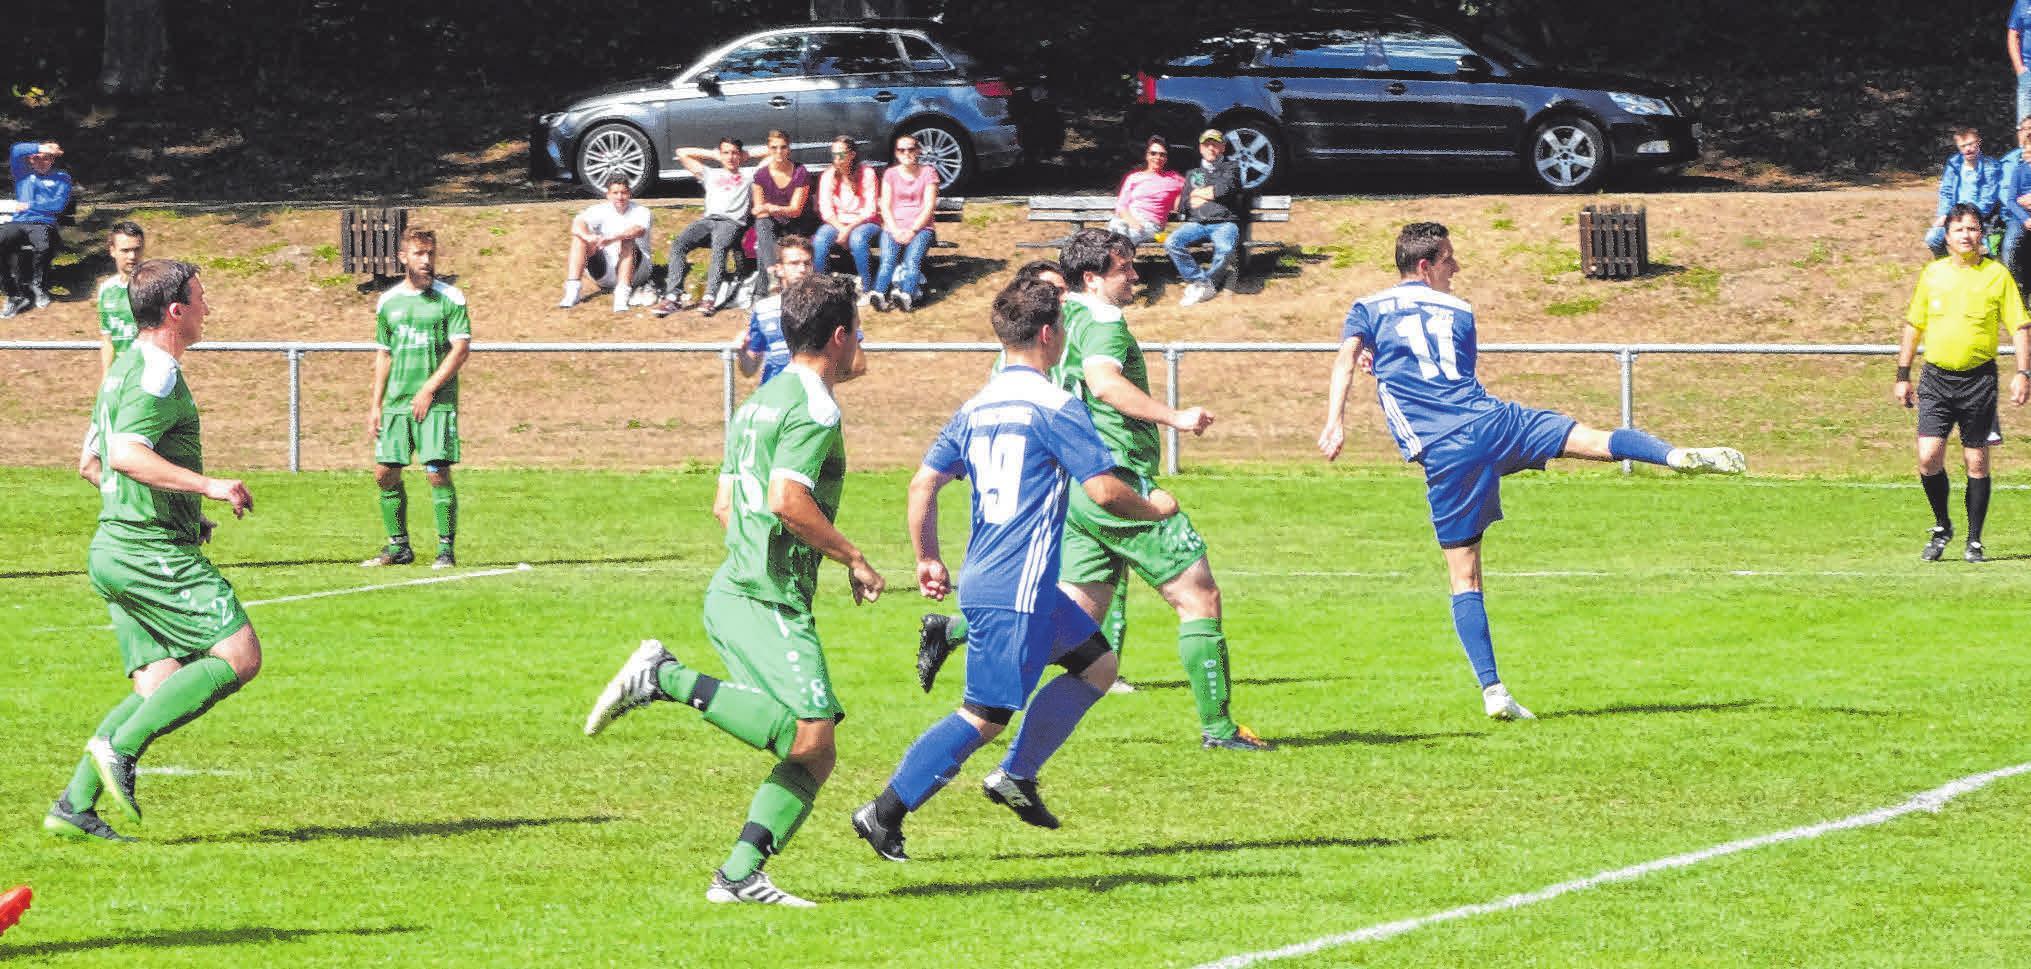 2. Saisonspiel: Der SV Hochberg (blaue Trikots) erzeilt das 1:1 gegen den FV Weithart und verpasst dem Mitaufstiegsfavoriten danach eine 11:3-Klatsche auf dessen Platz. FOTO: SCHWARZ